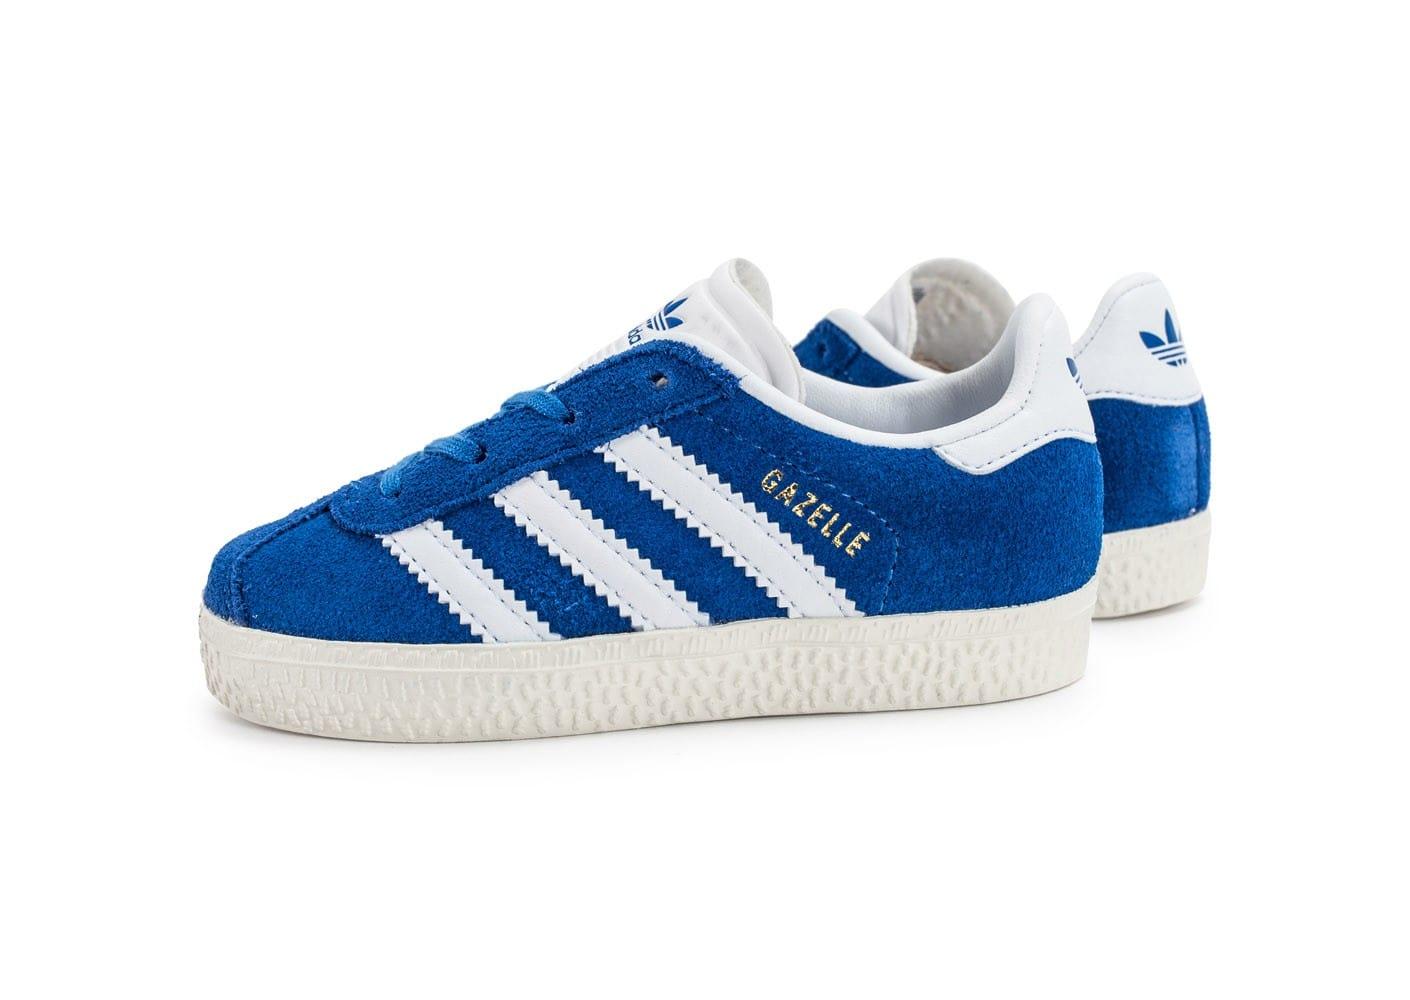 promo code d609d 0431e Acheter adidas gazelle bleu bebe pas cher